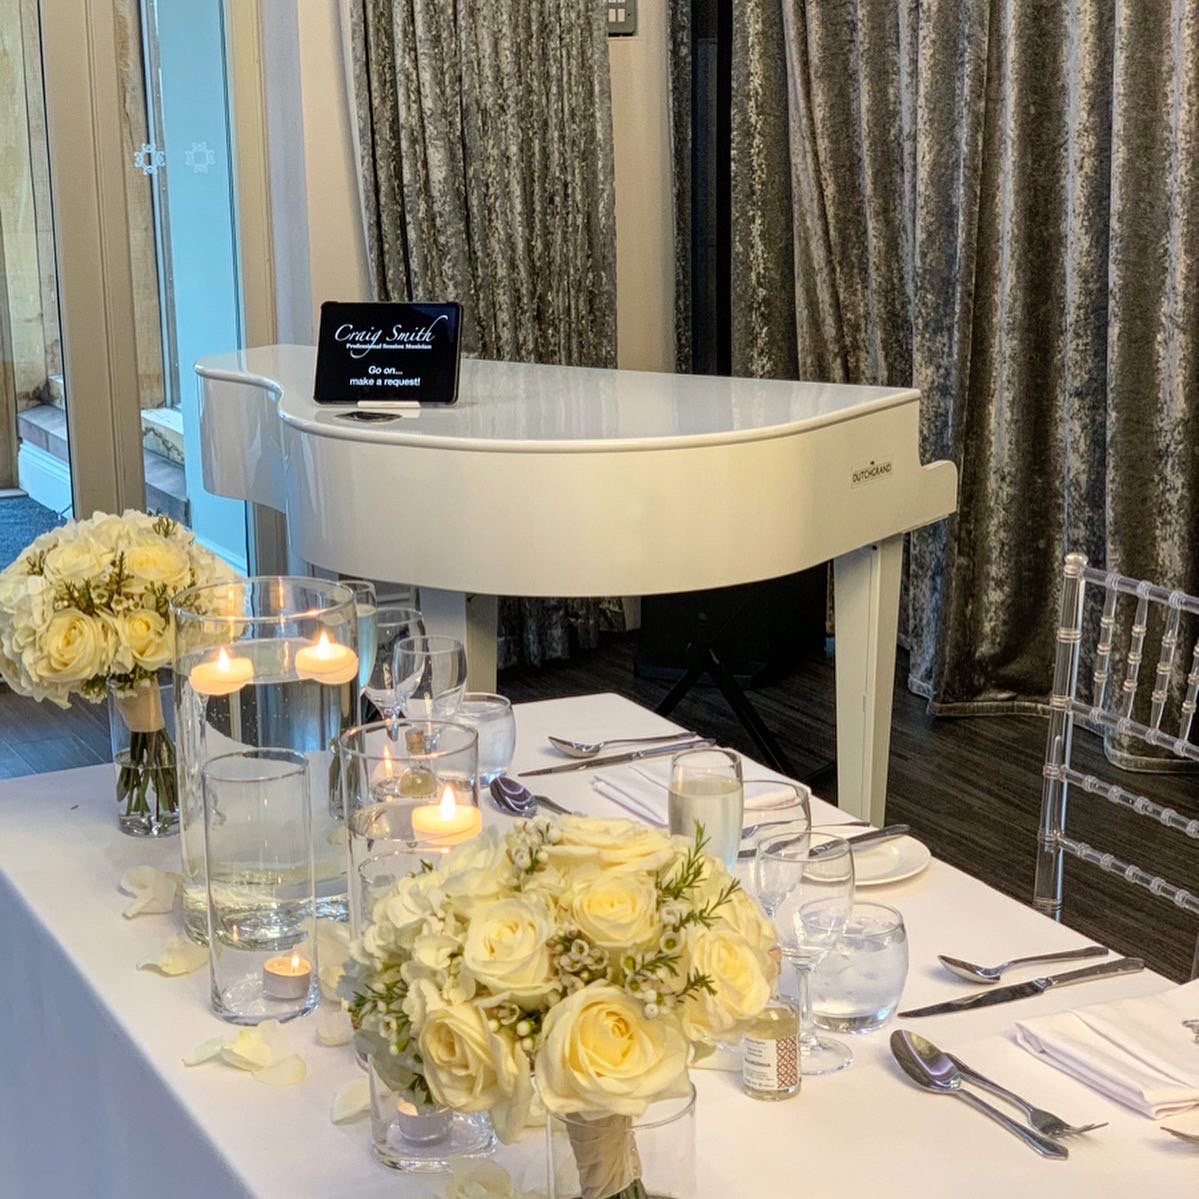 Merrydale Manor wedding pianist for wedding breakfasts